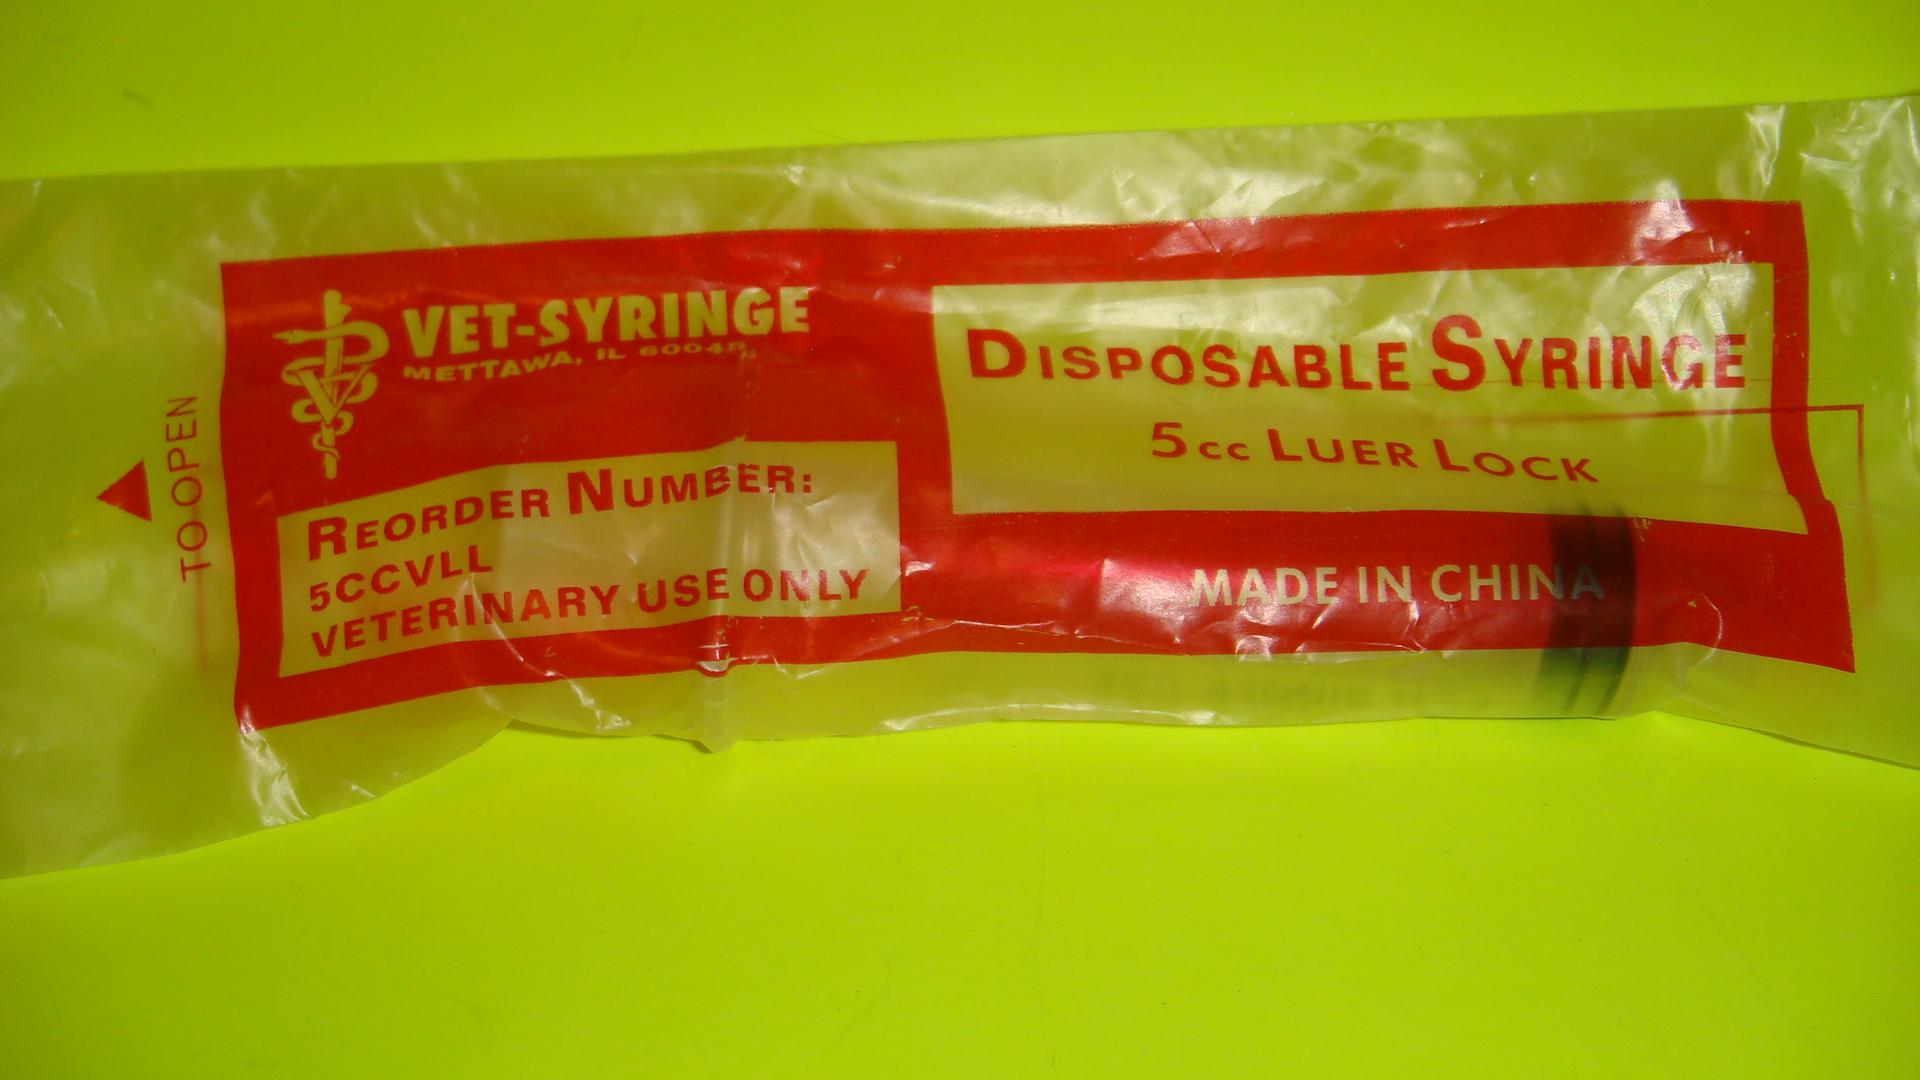 5 cc Syringe no needle attached